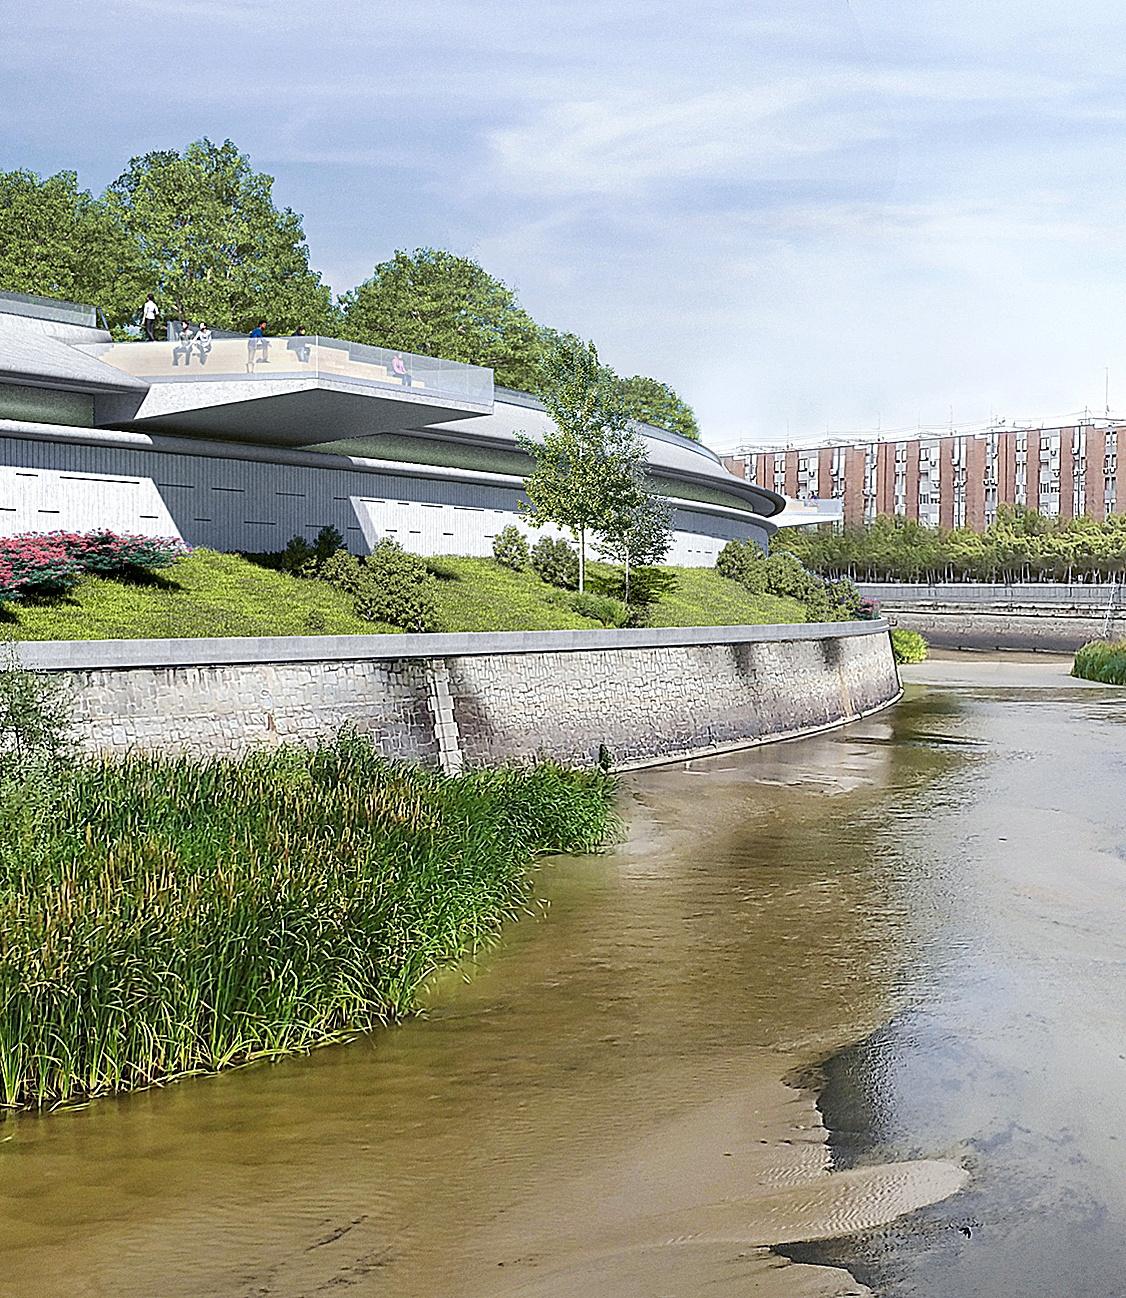 Imagen virtual con un gran mirador sobre el Manzanares que se construirá en el nuevo parque sobre la M-30